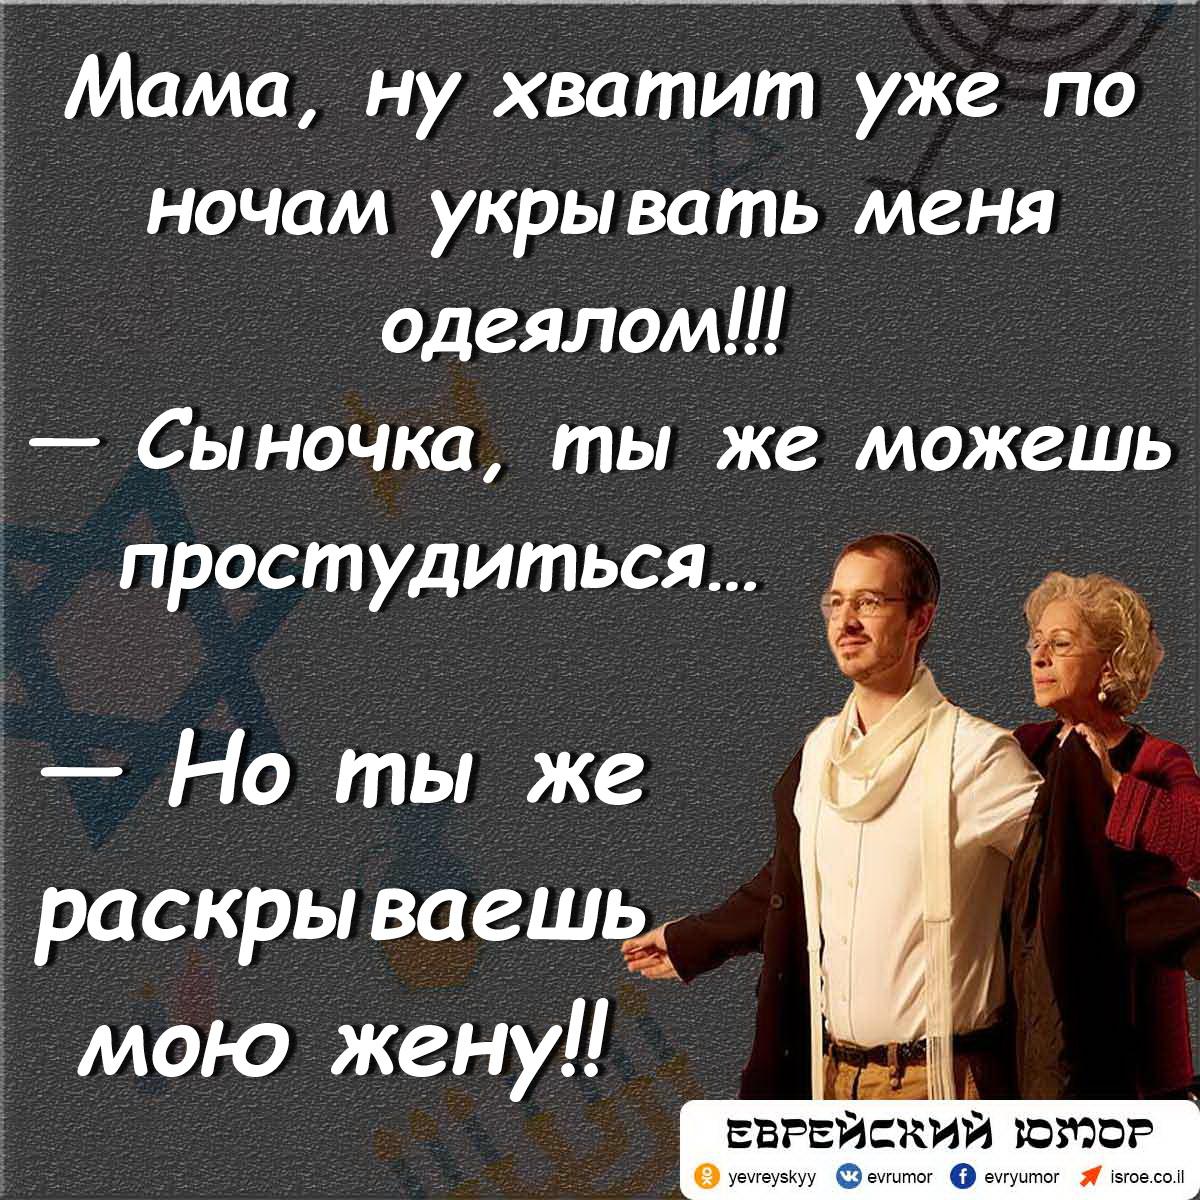 Если мама считает, что вы много кушаете и спите, то это таки не ваша мама, а мама вашей жены.